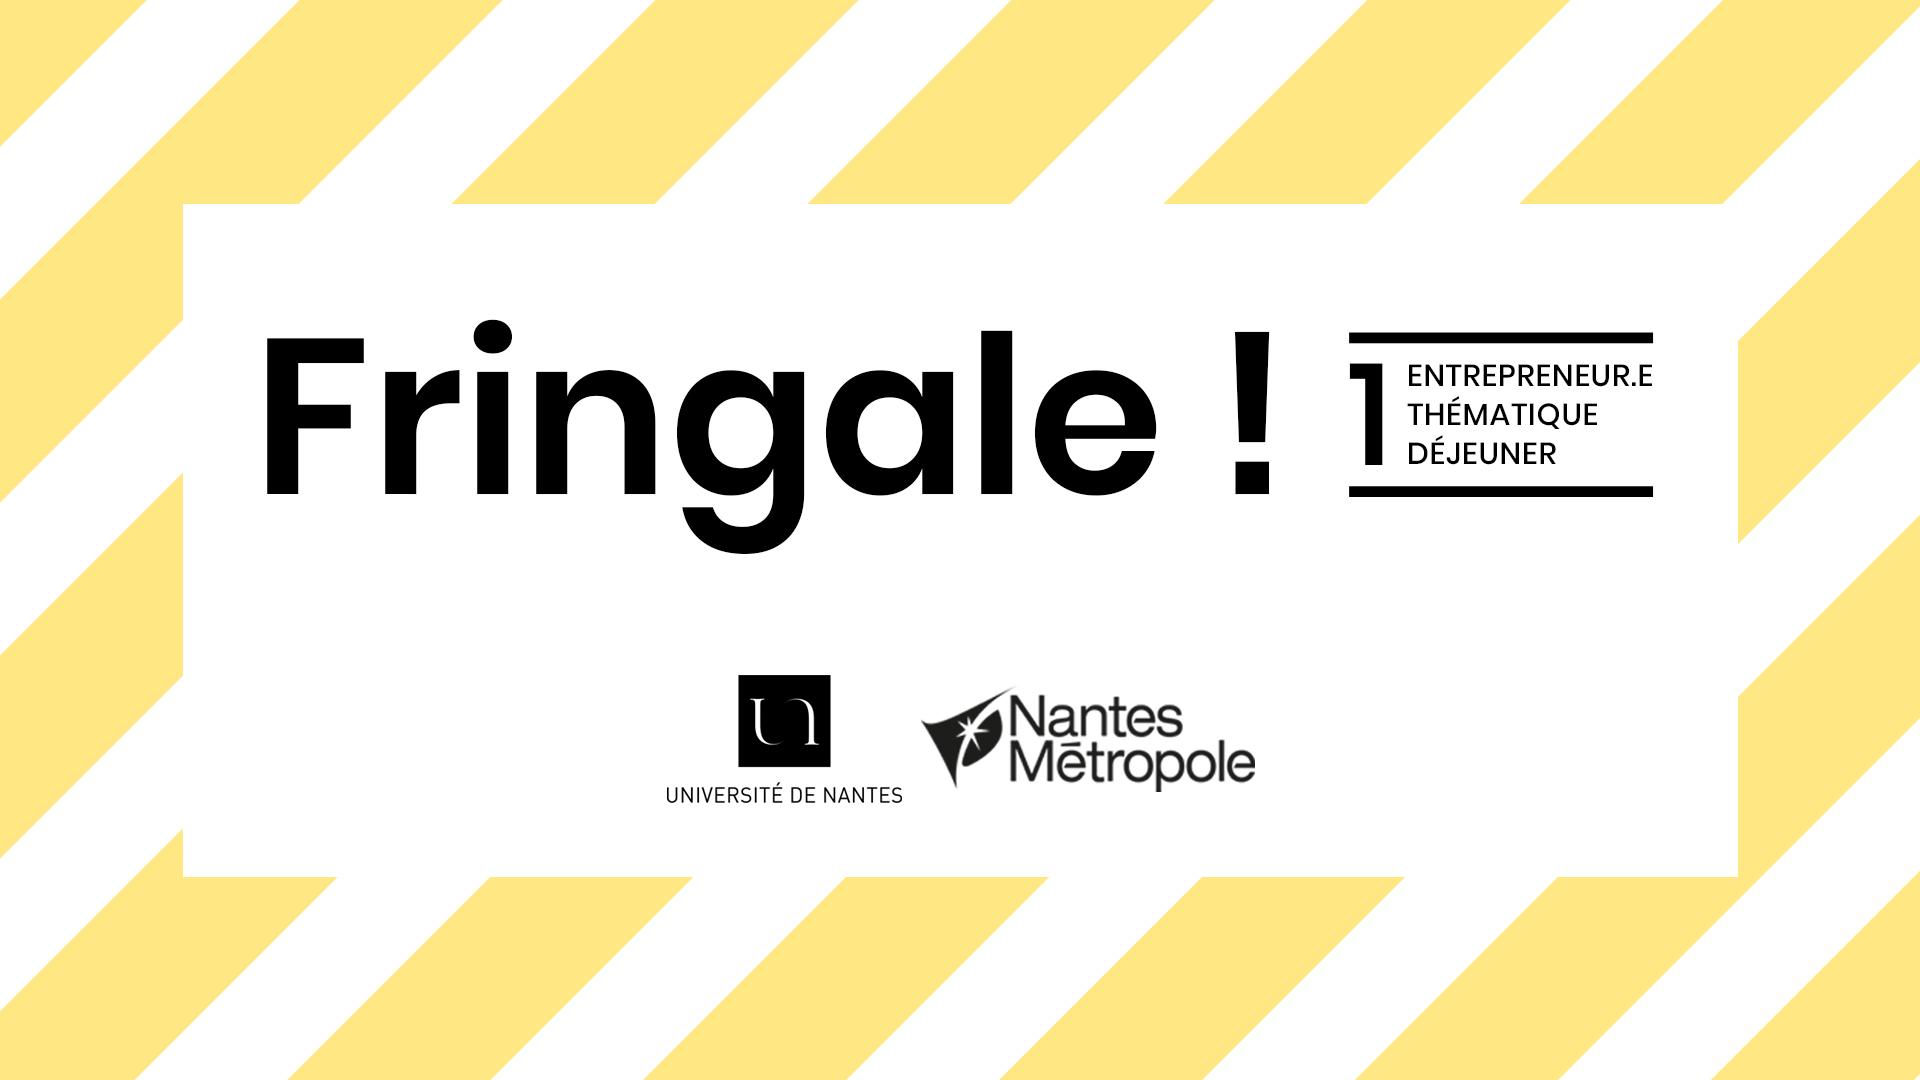 Fringale ! - Université de Nantes